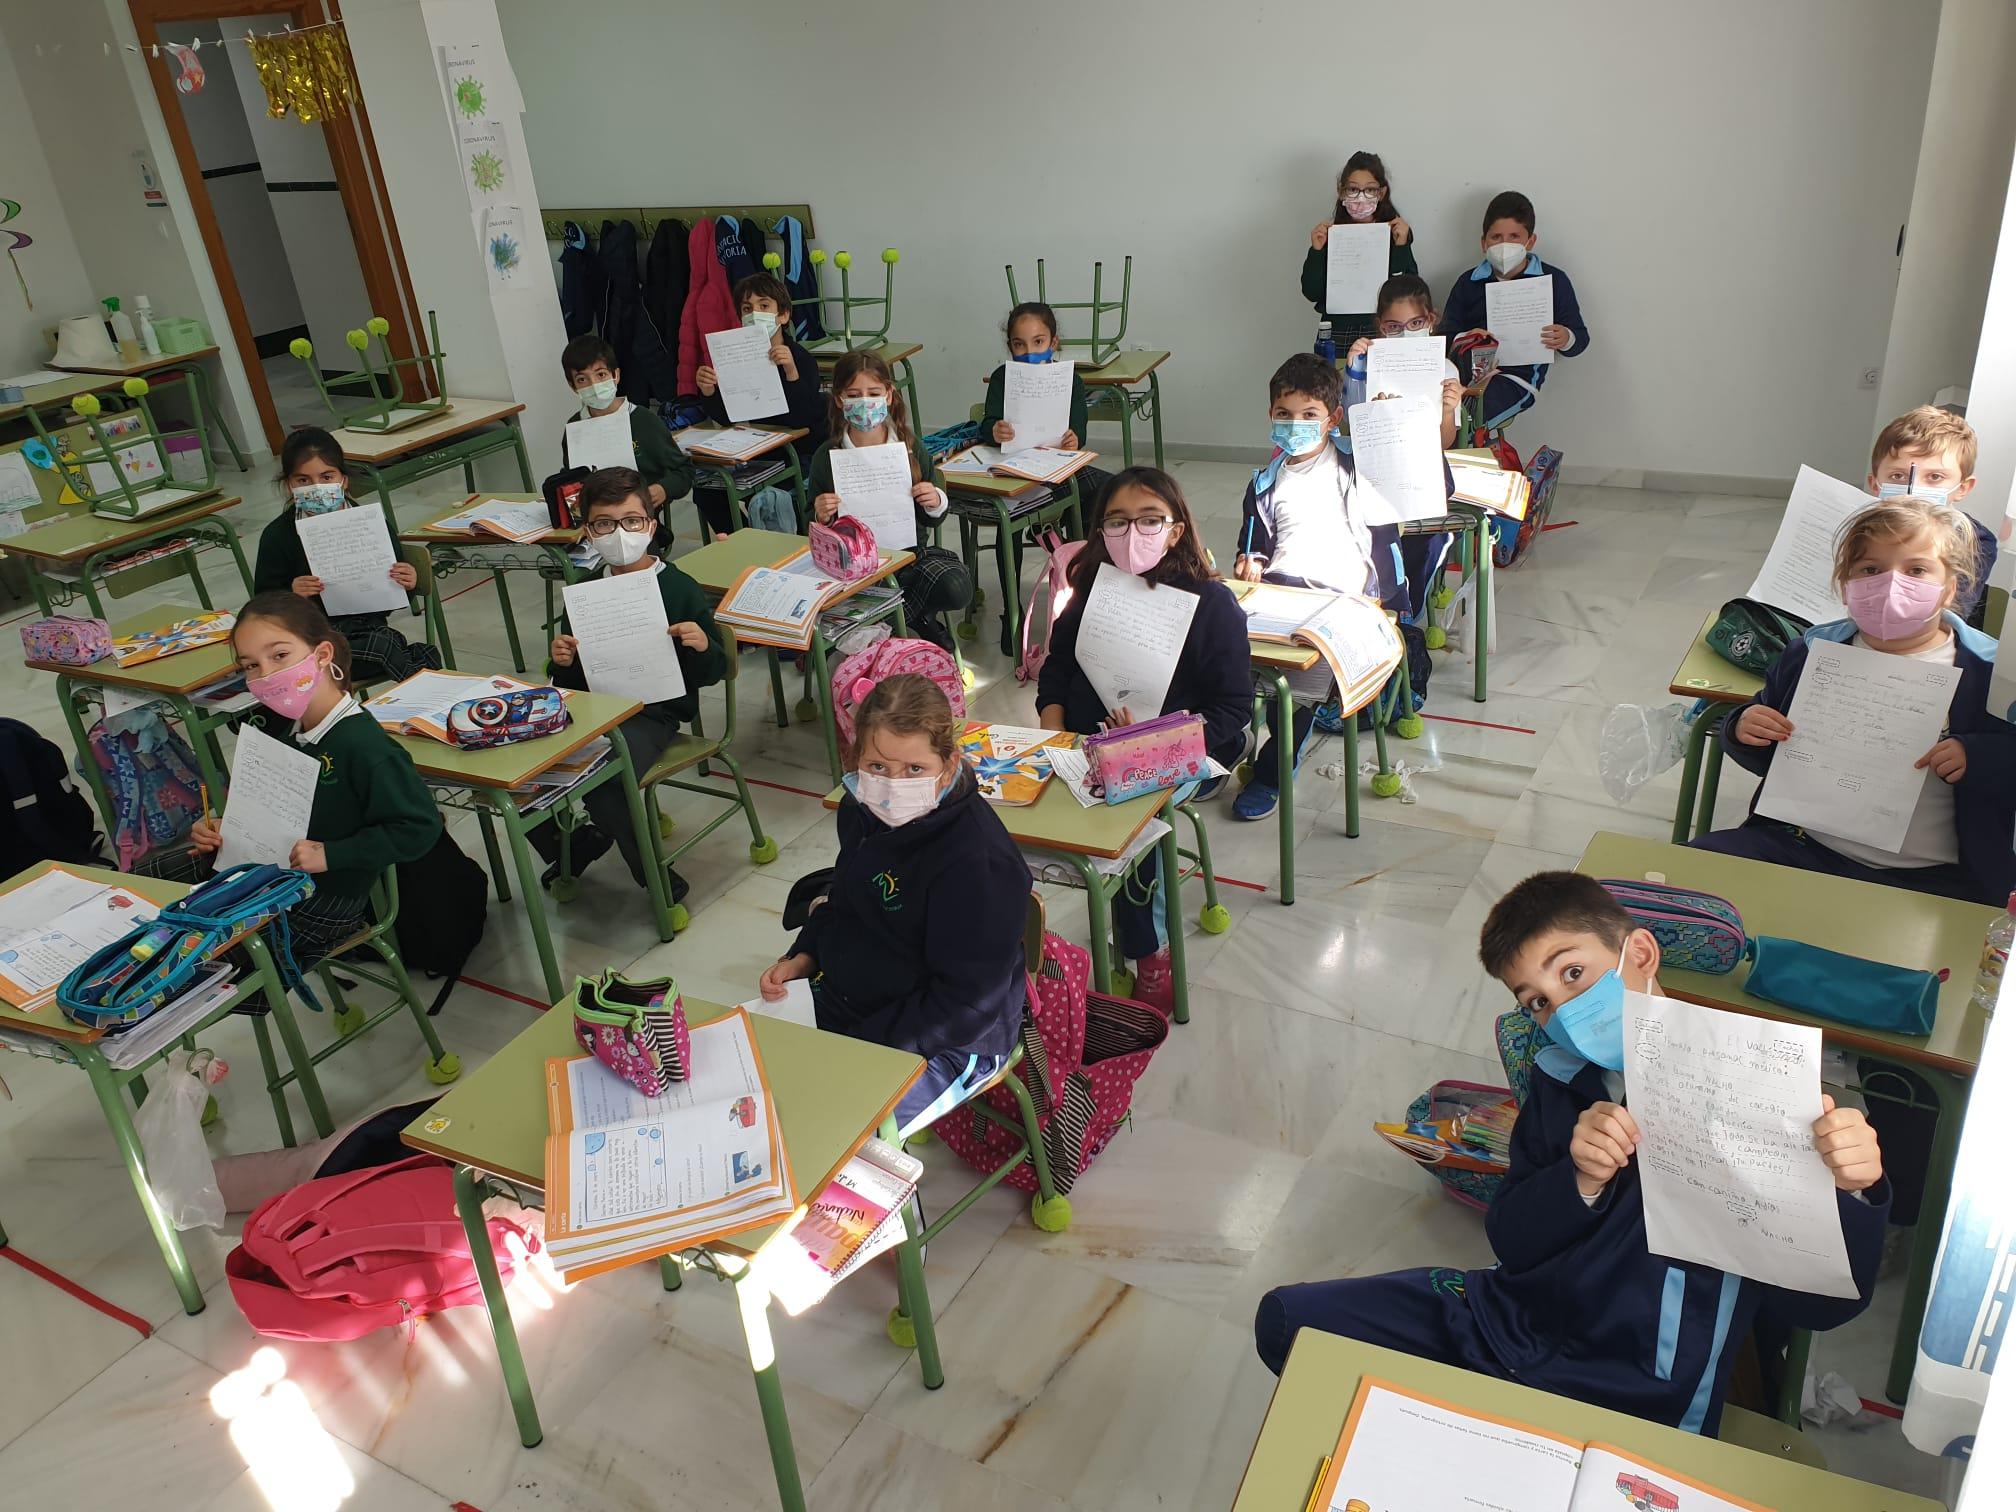 Estudiantes del Centro 'Ntra. Señora de Lourdes' de El Valdés mandan cartas de apoyo a los sanitarios de la Axarquía